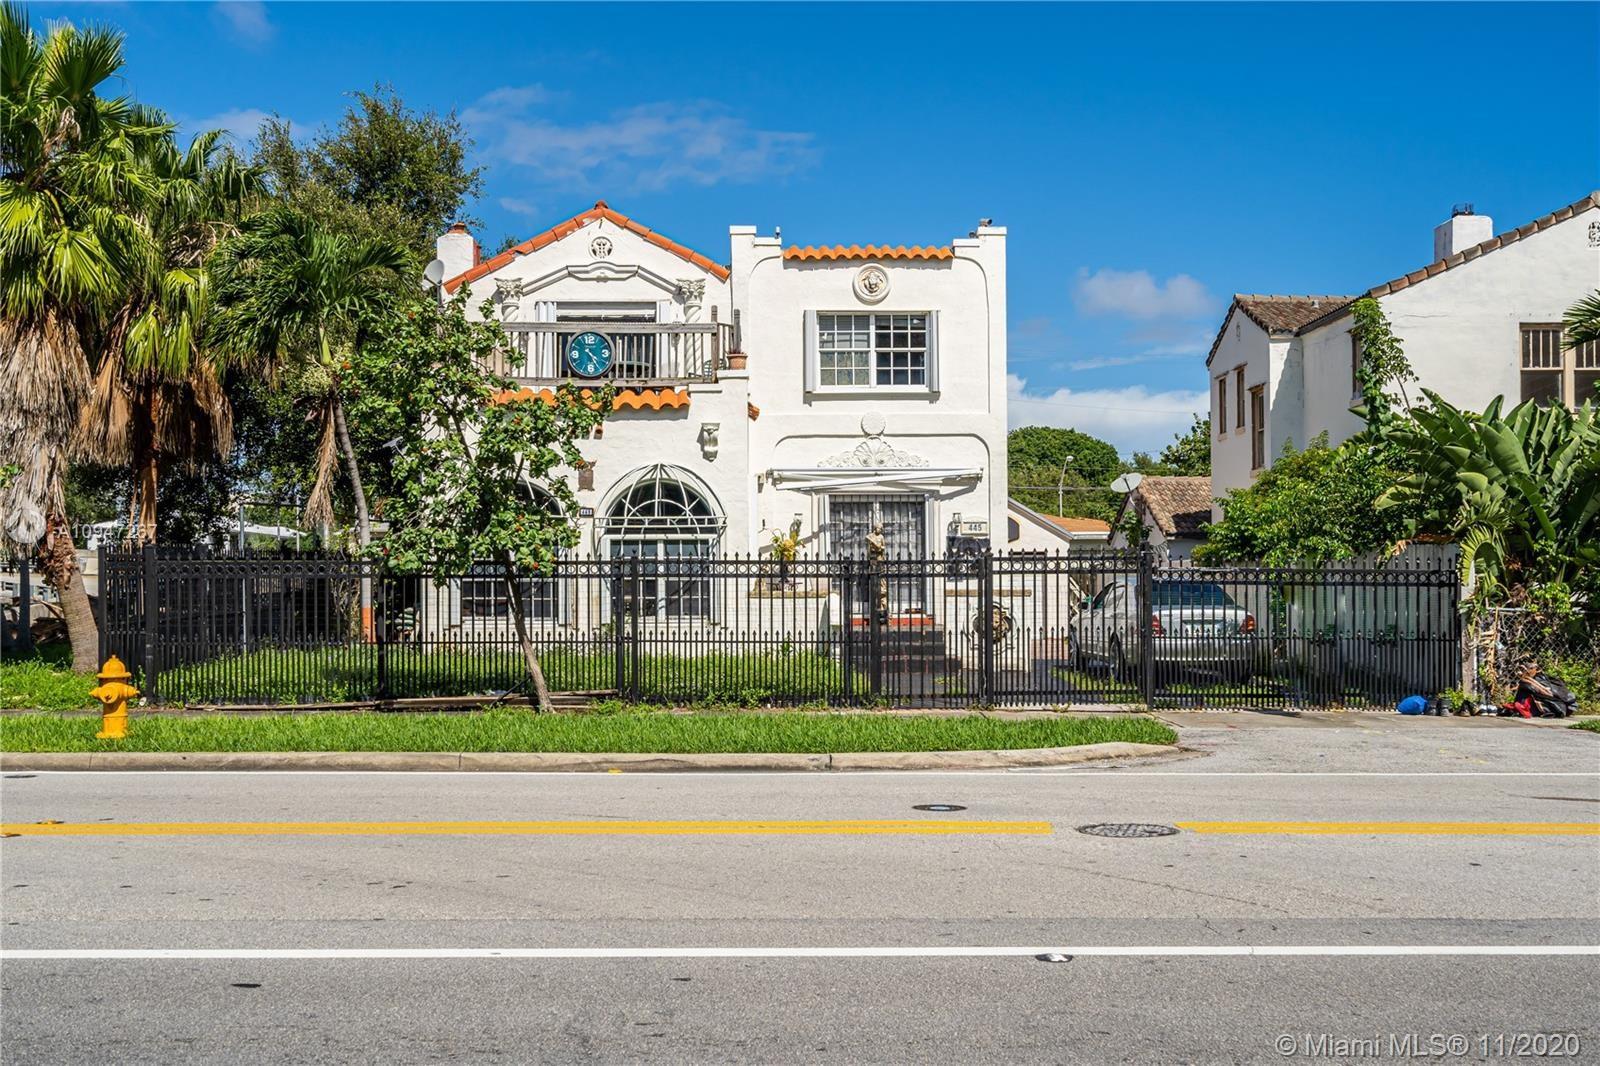 455 NE 36th St, Miami, FL 33137